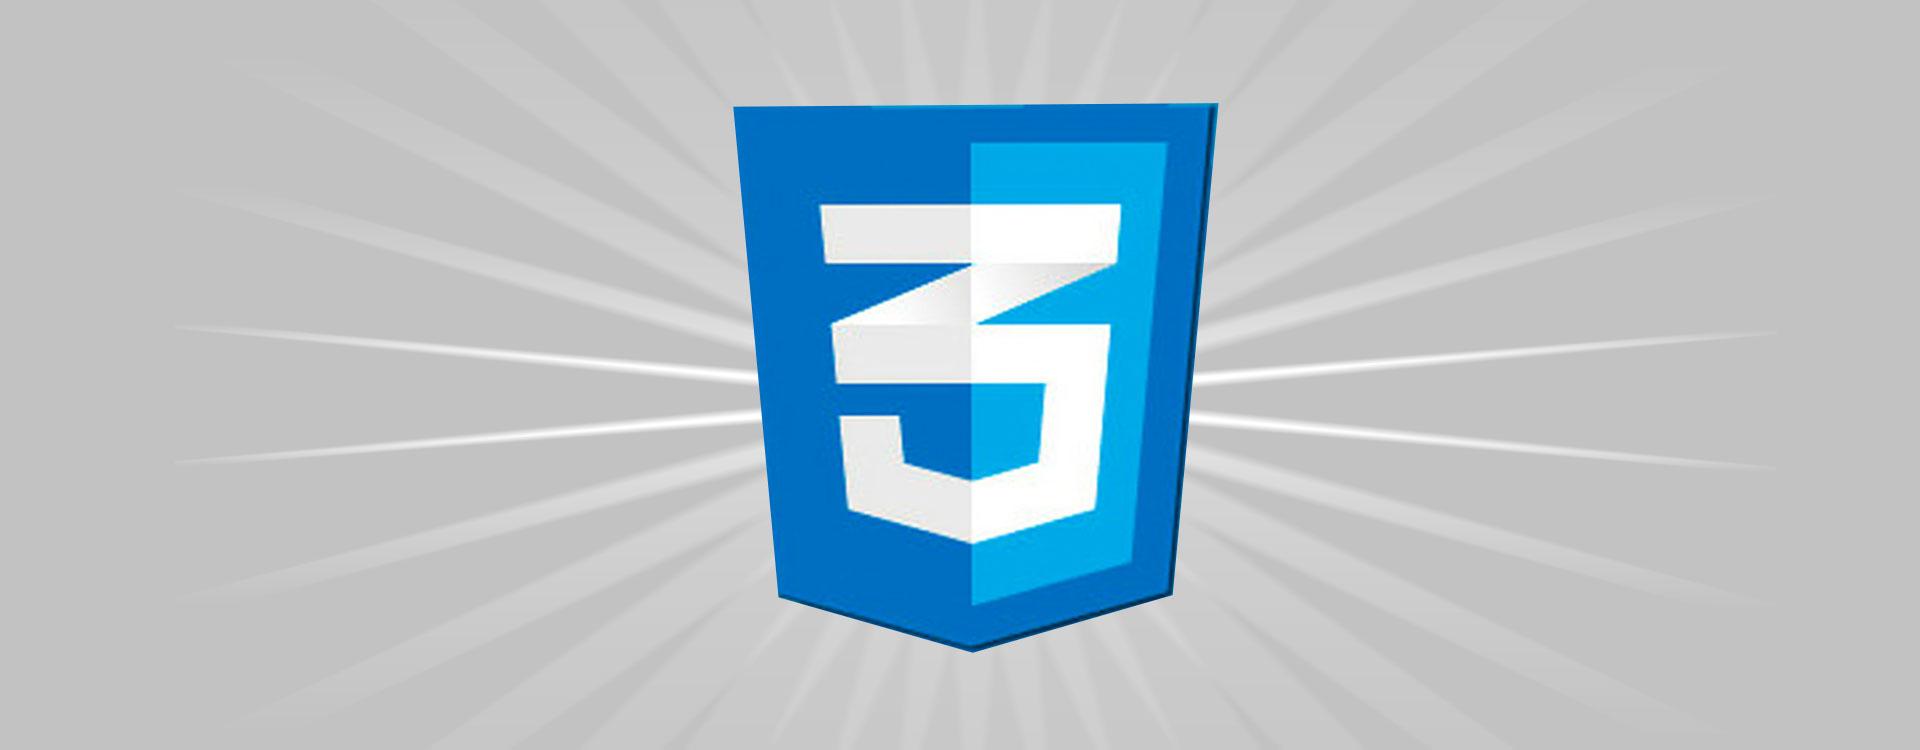 Vormgeven met CSS3